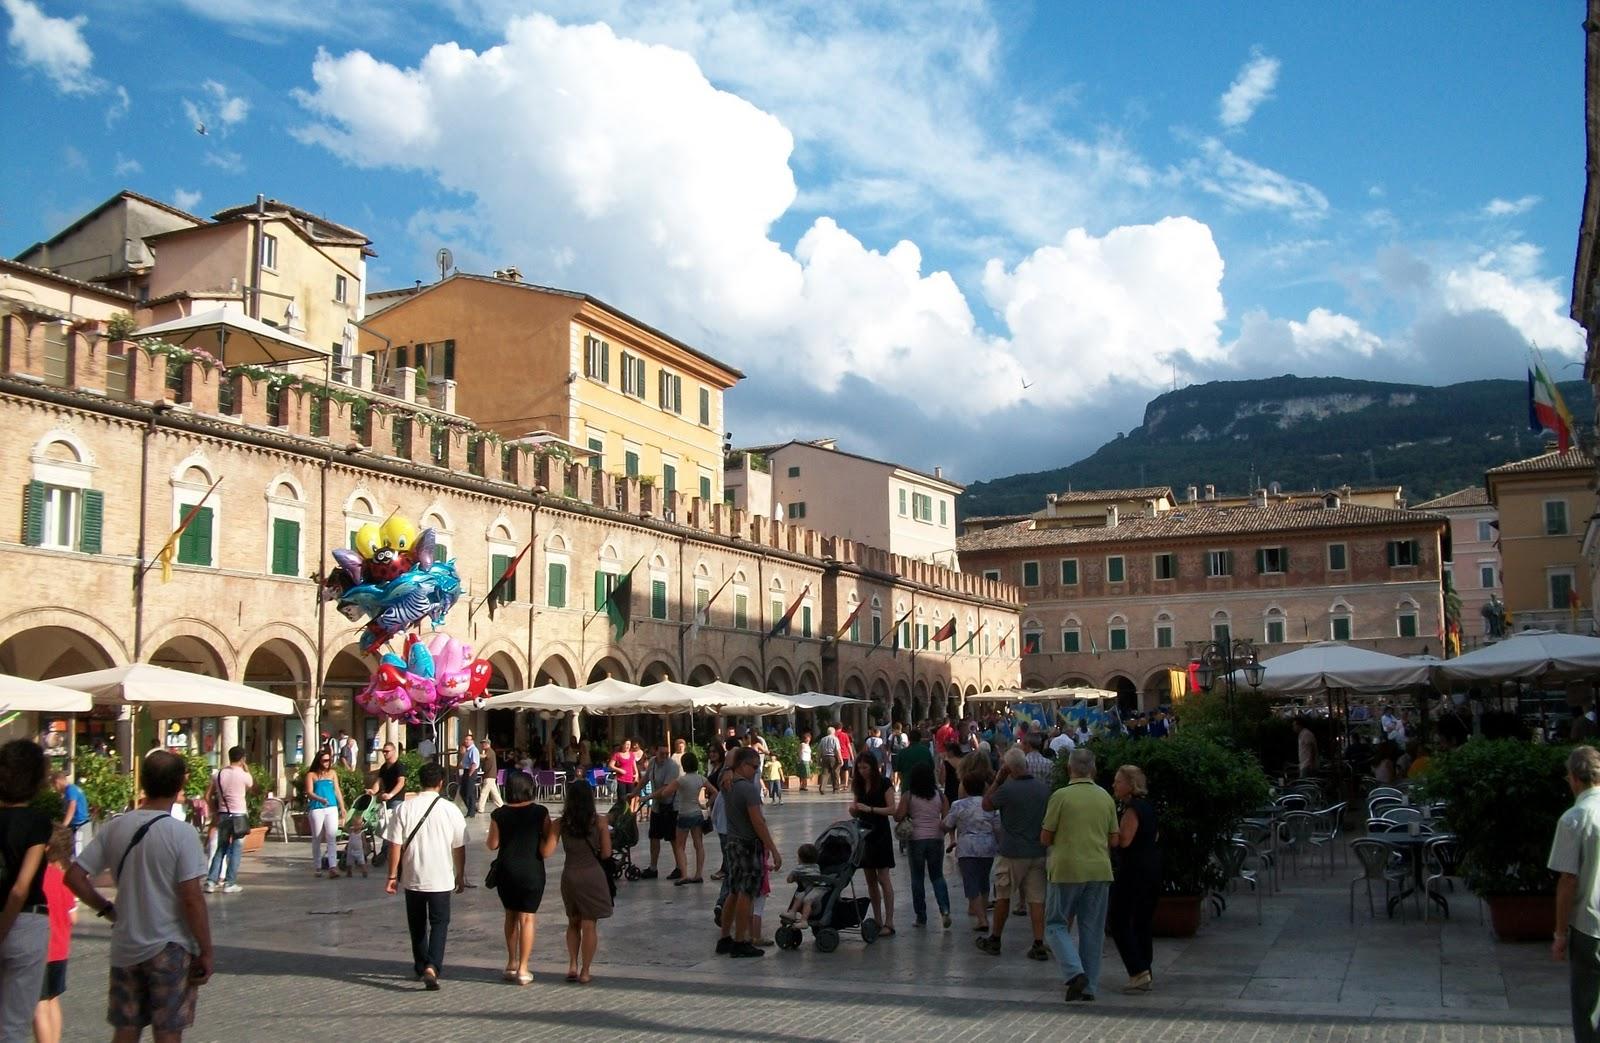 De Markten in Italie